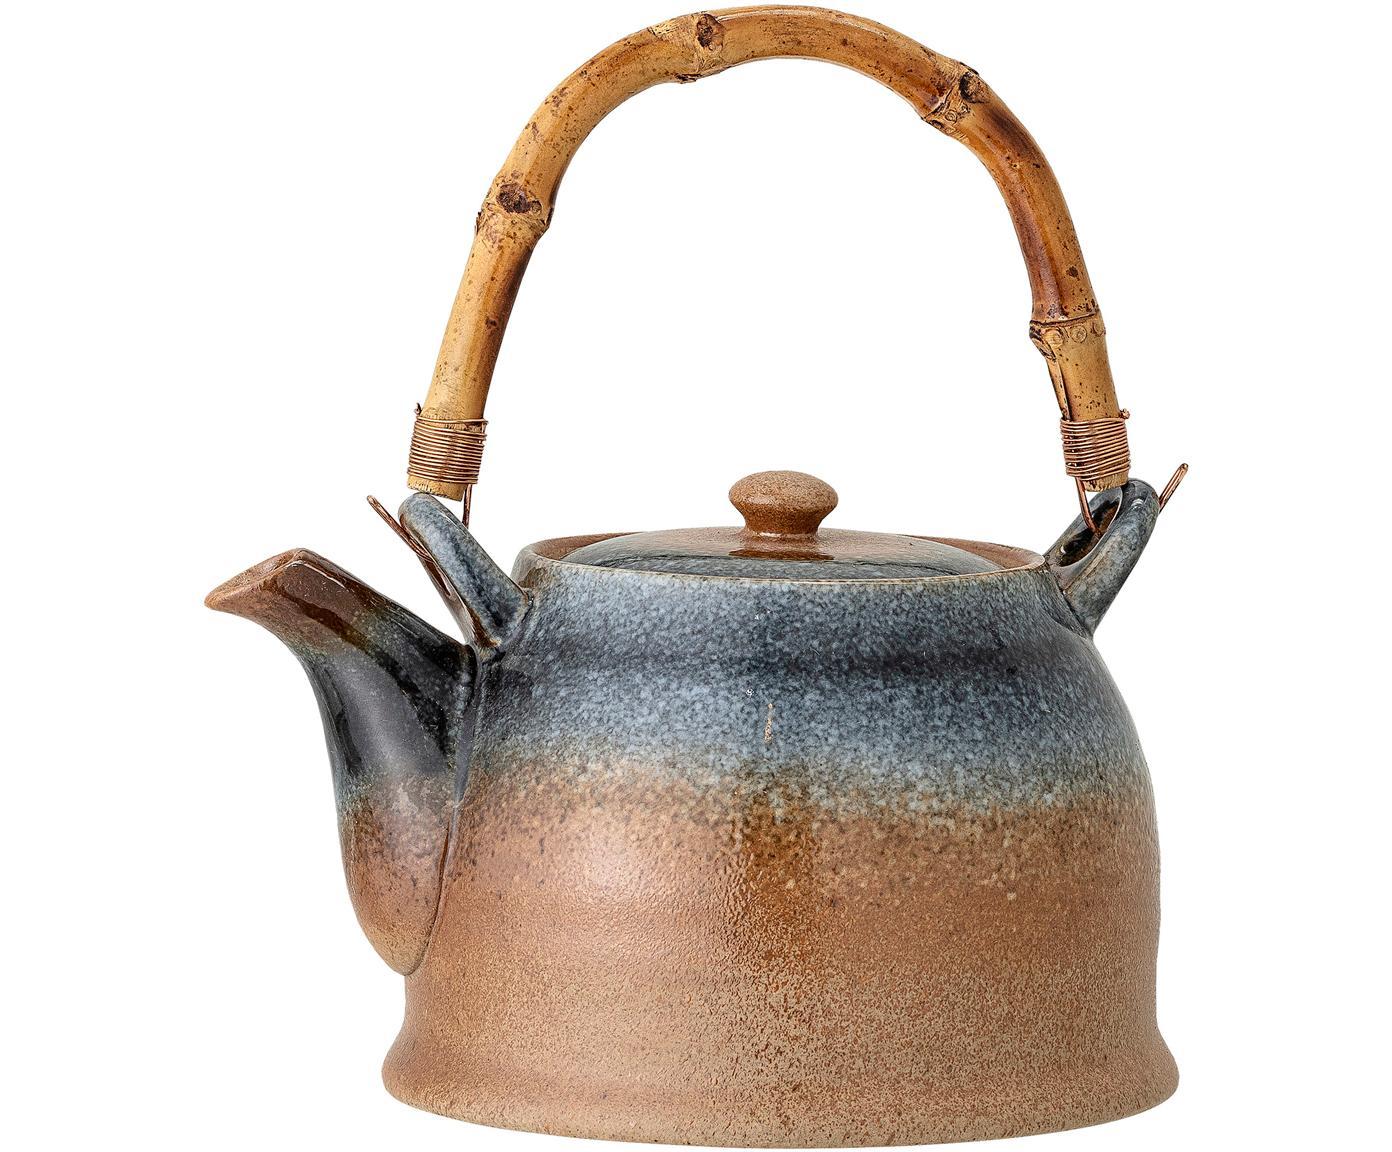 Handgemachte Teekanne Aura mit Teesieb und Bambusgriff, Kanne: Porzellan, Griff: Bambus, Beige- und Blautöne, 1 L